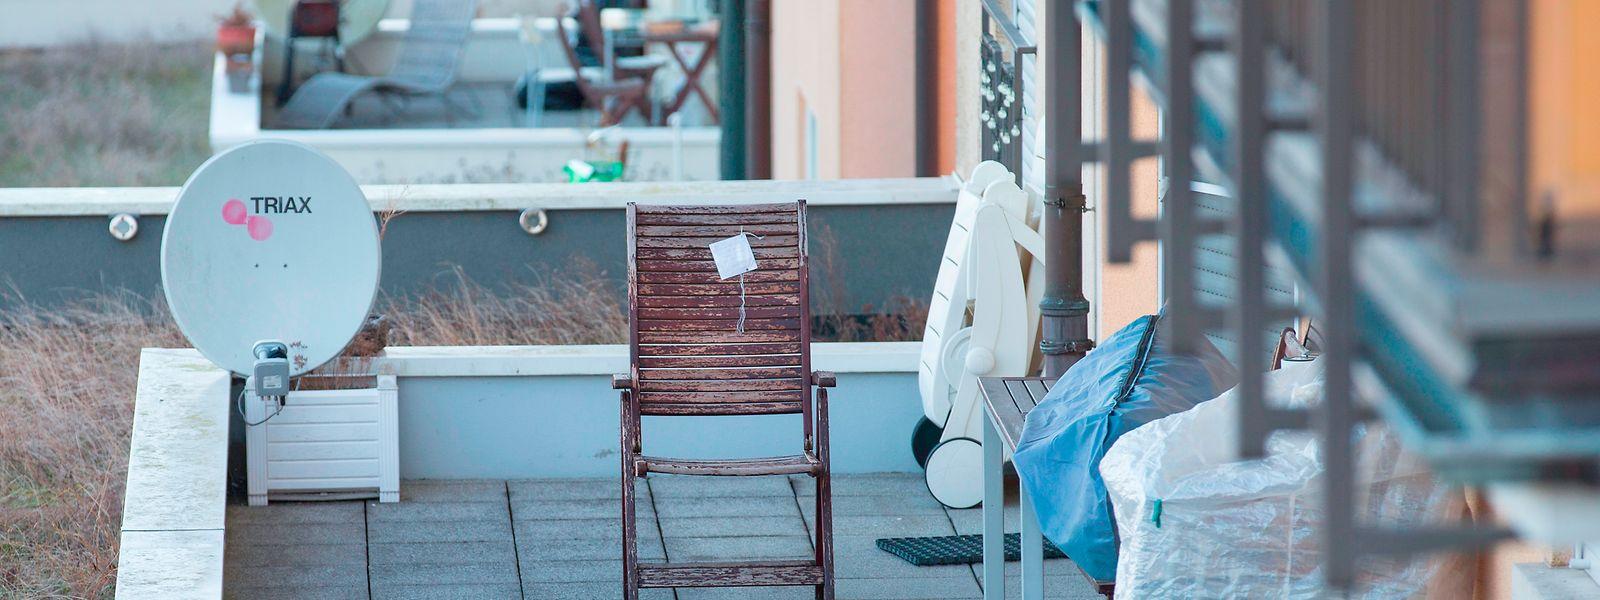 In diesem Stuhl saß die damals 46-jährige Frau, als sie von der Kugel getroffen wurde.